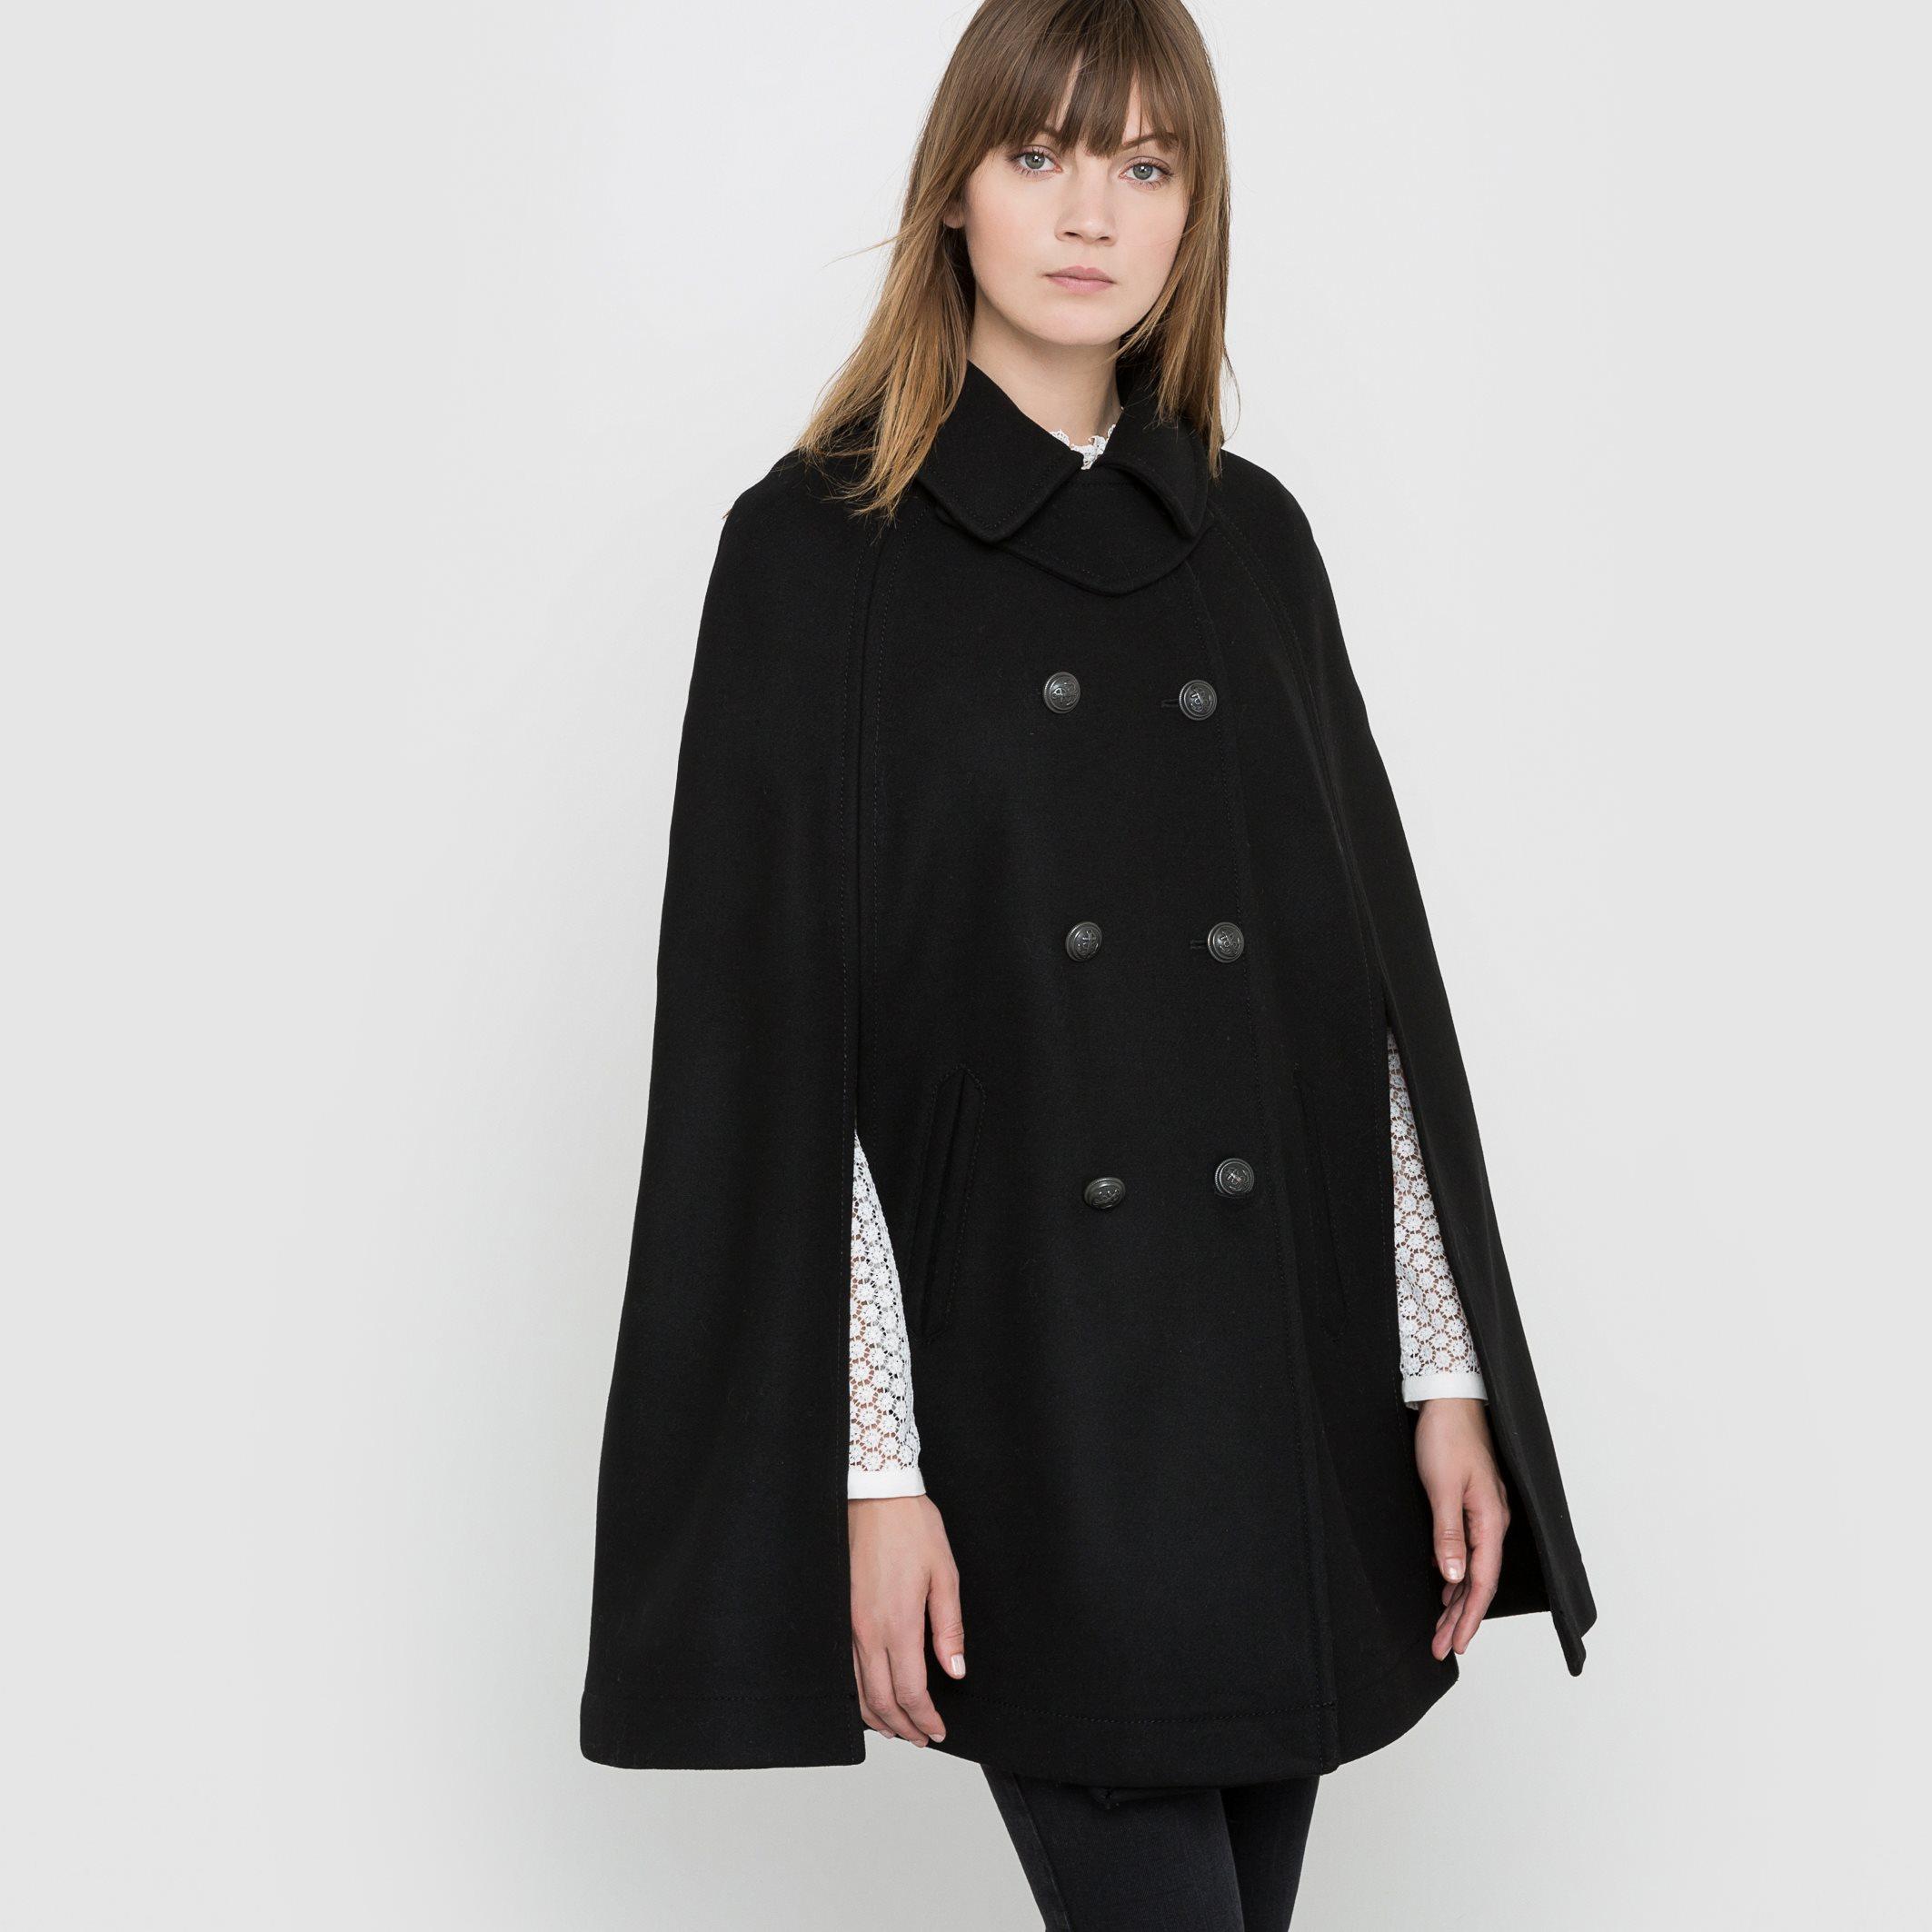 R studio  Cape Coat /$117.39